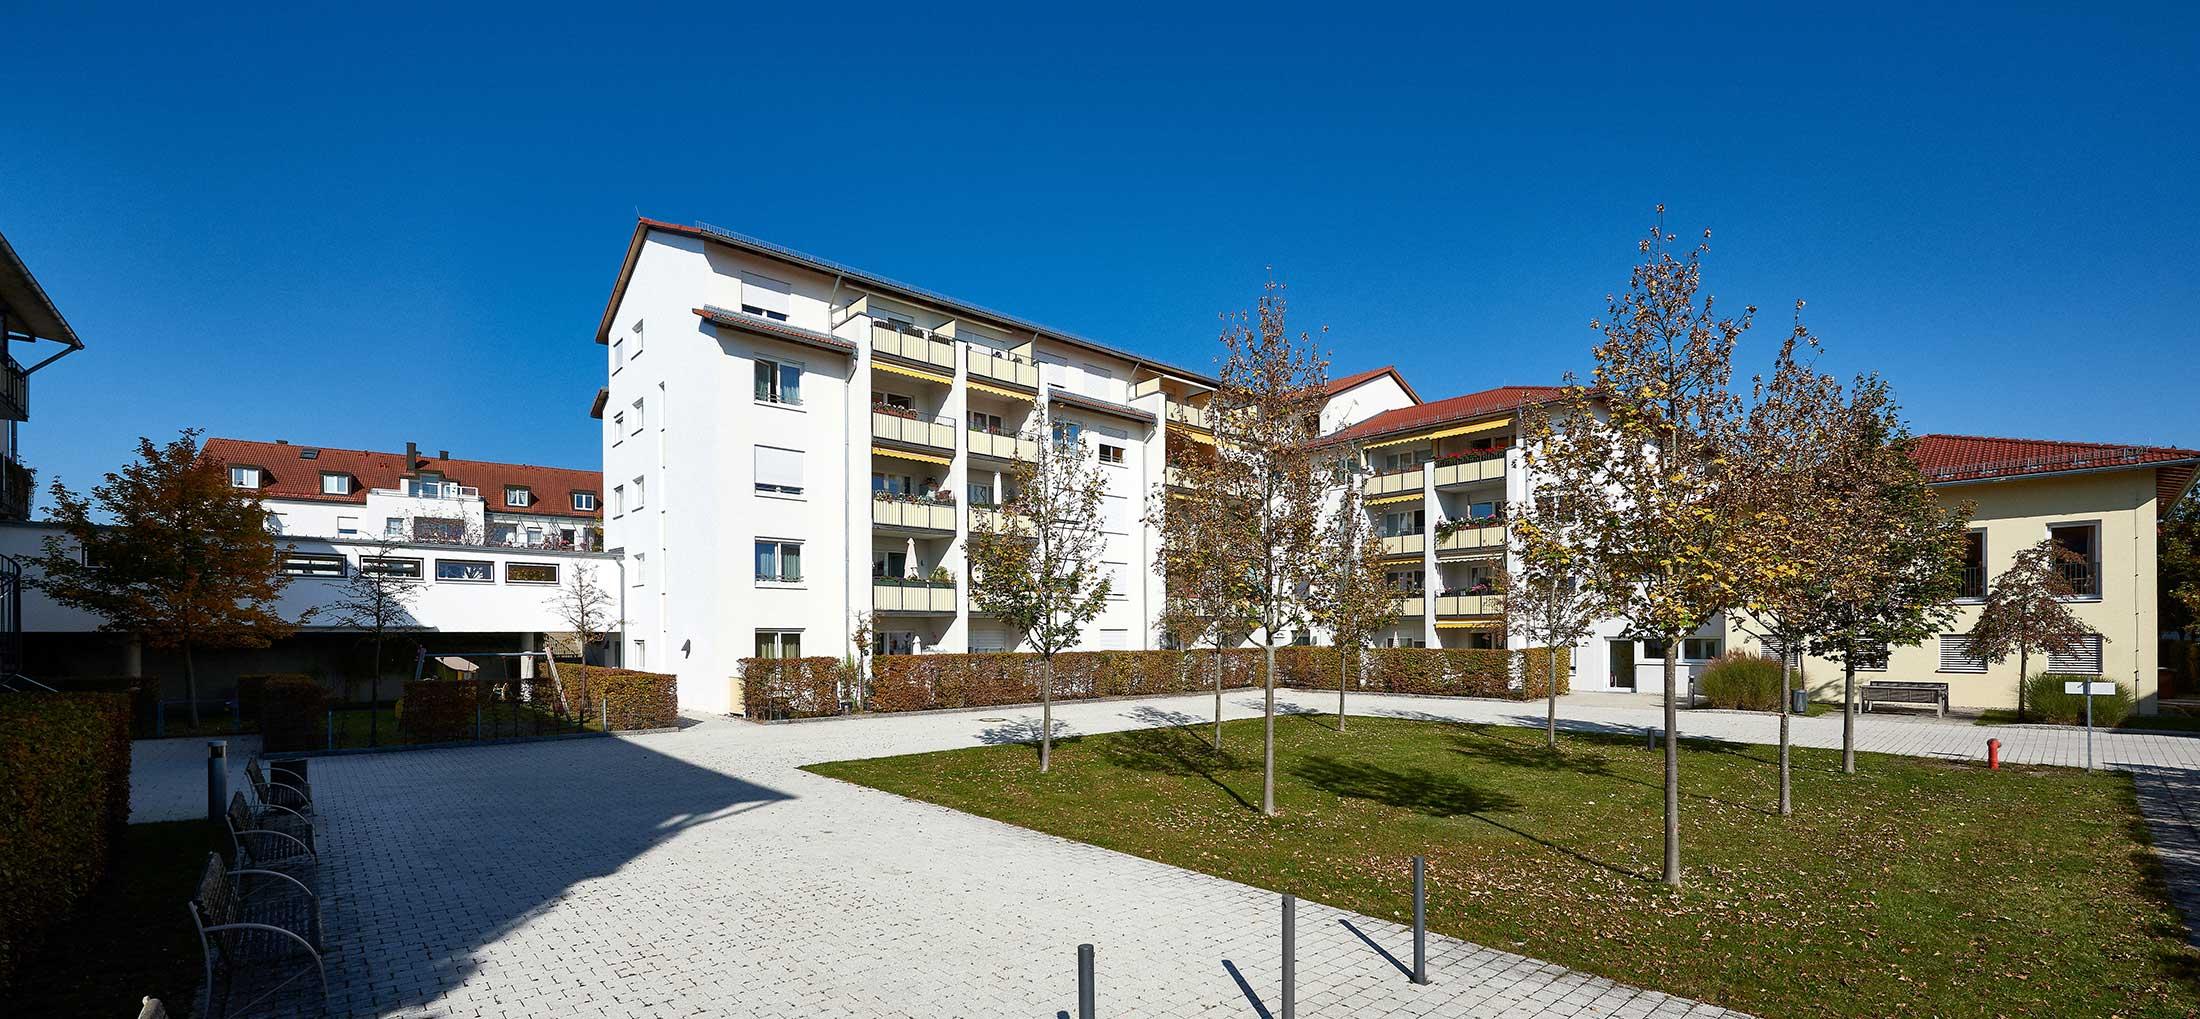 Nachbarschaftshilfe Aschheim-Dornach